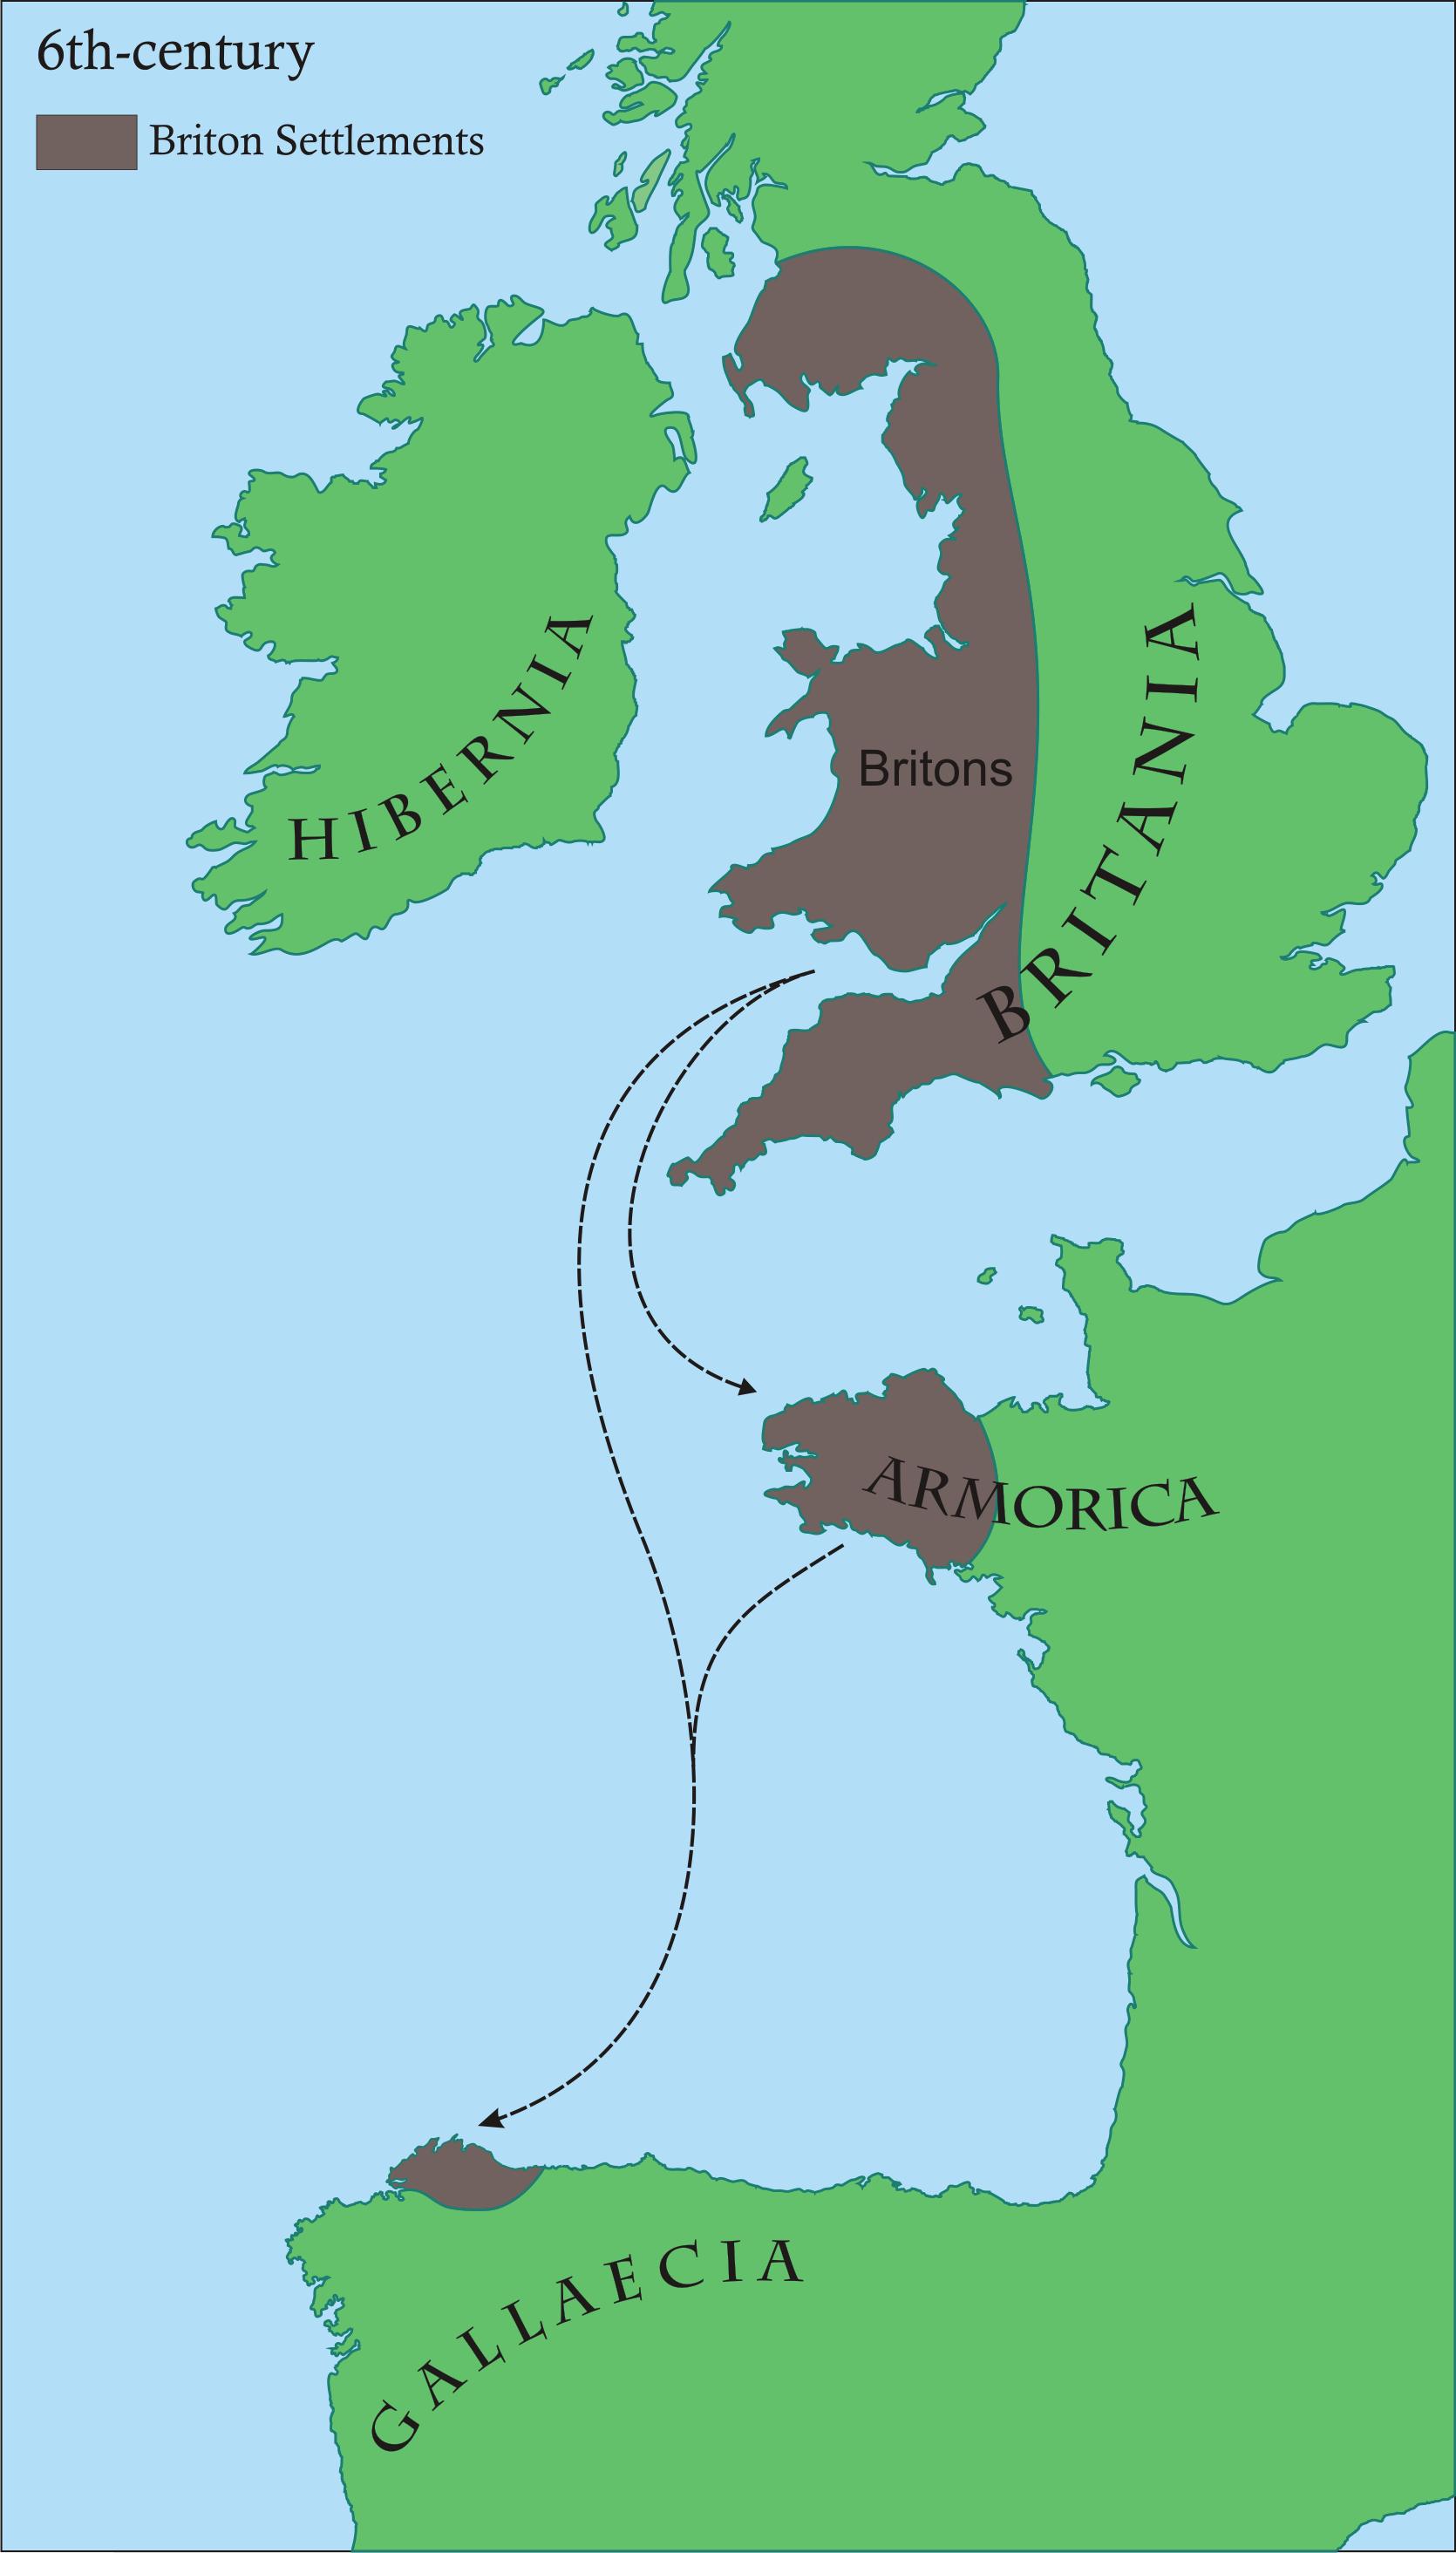 なぜ北西ヨーロッパは先進地域になれたのか->画像>366枚